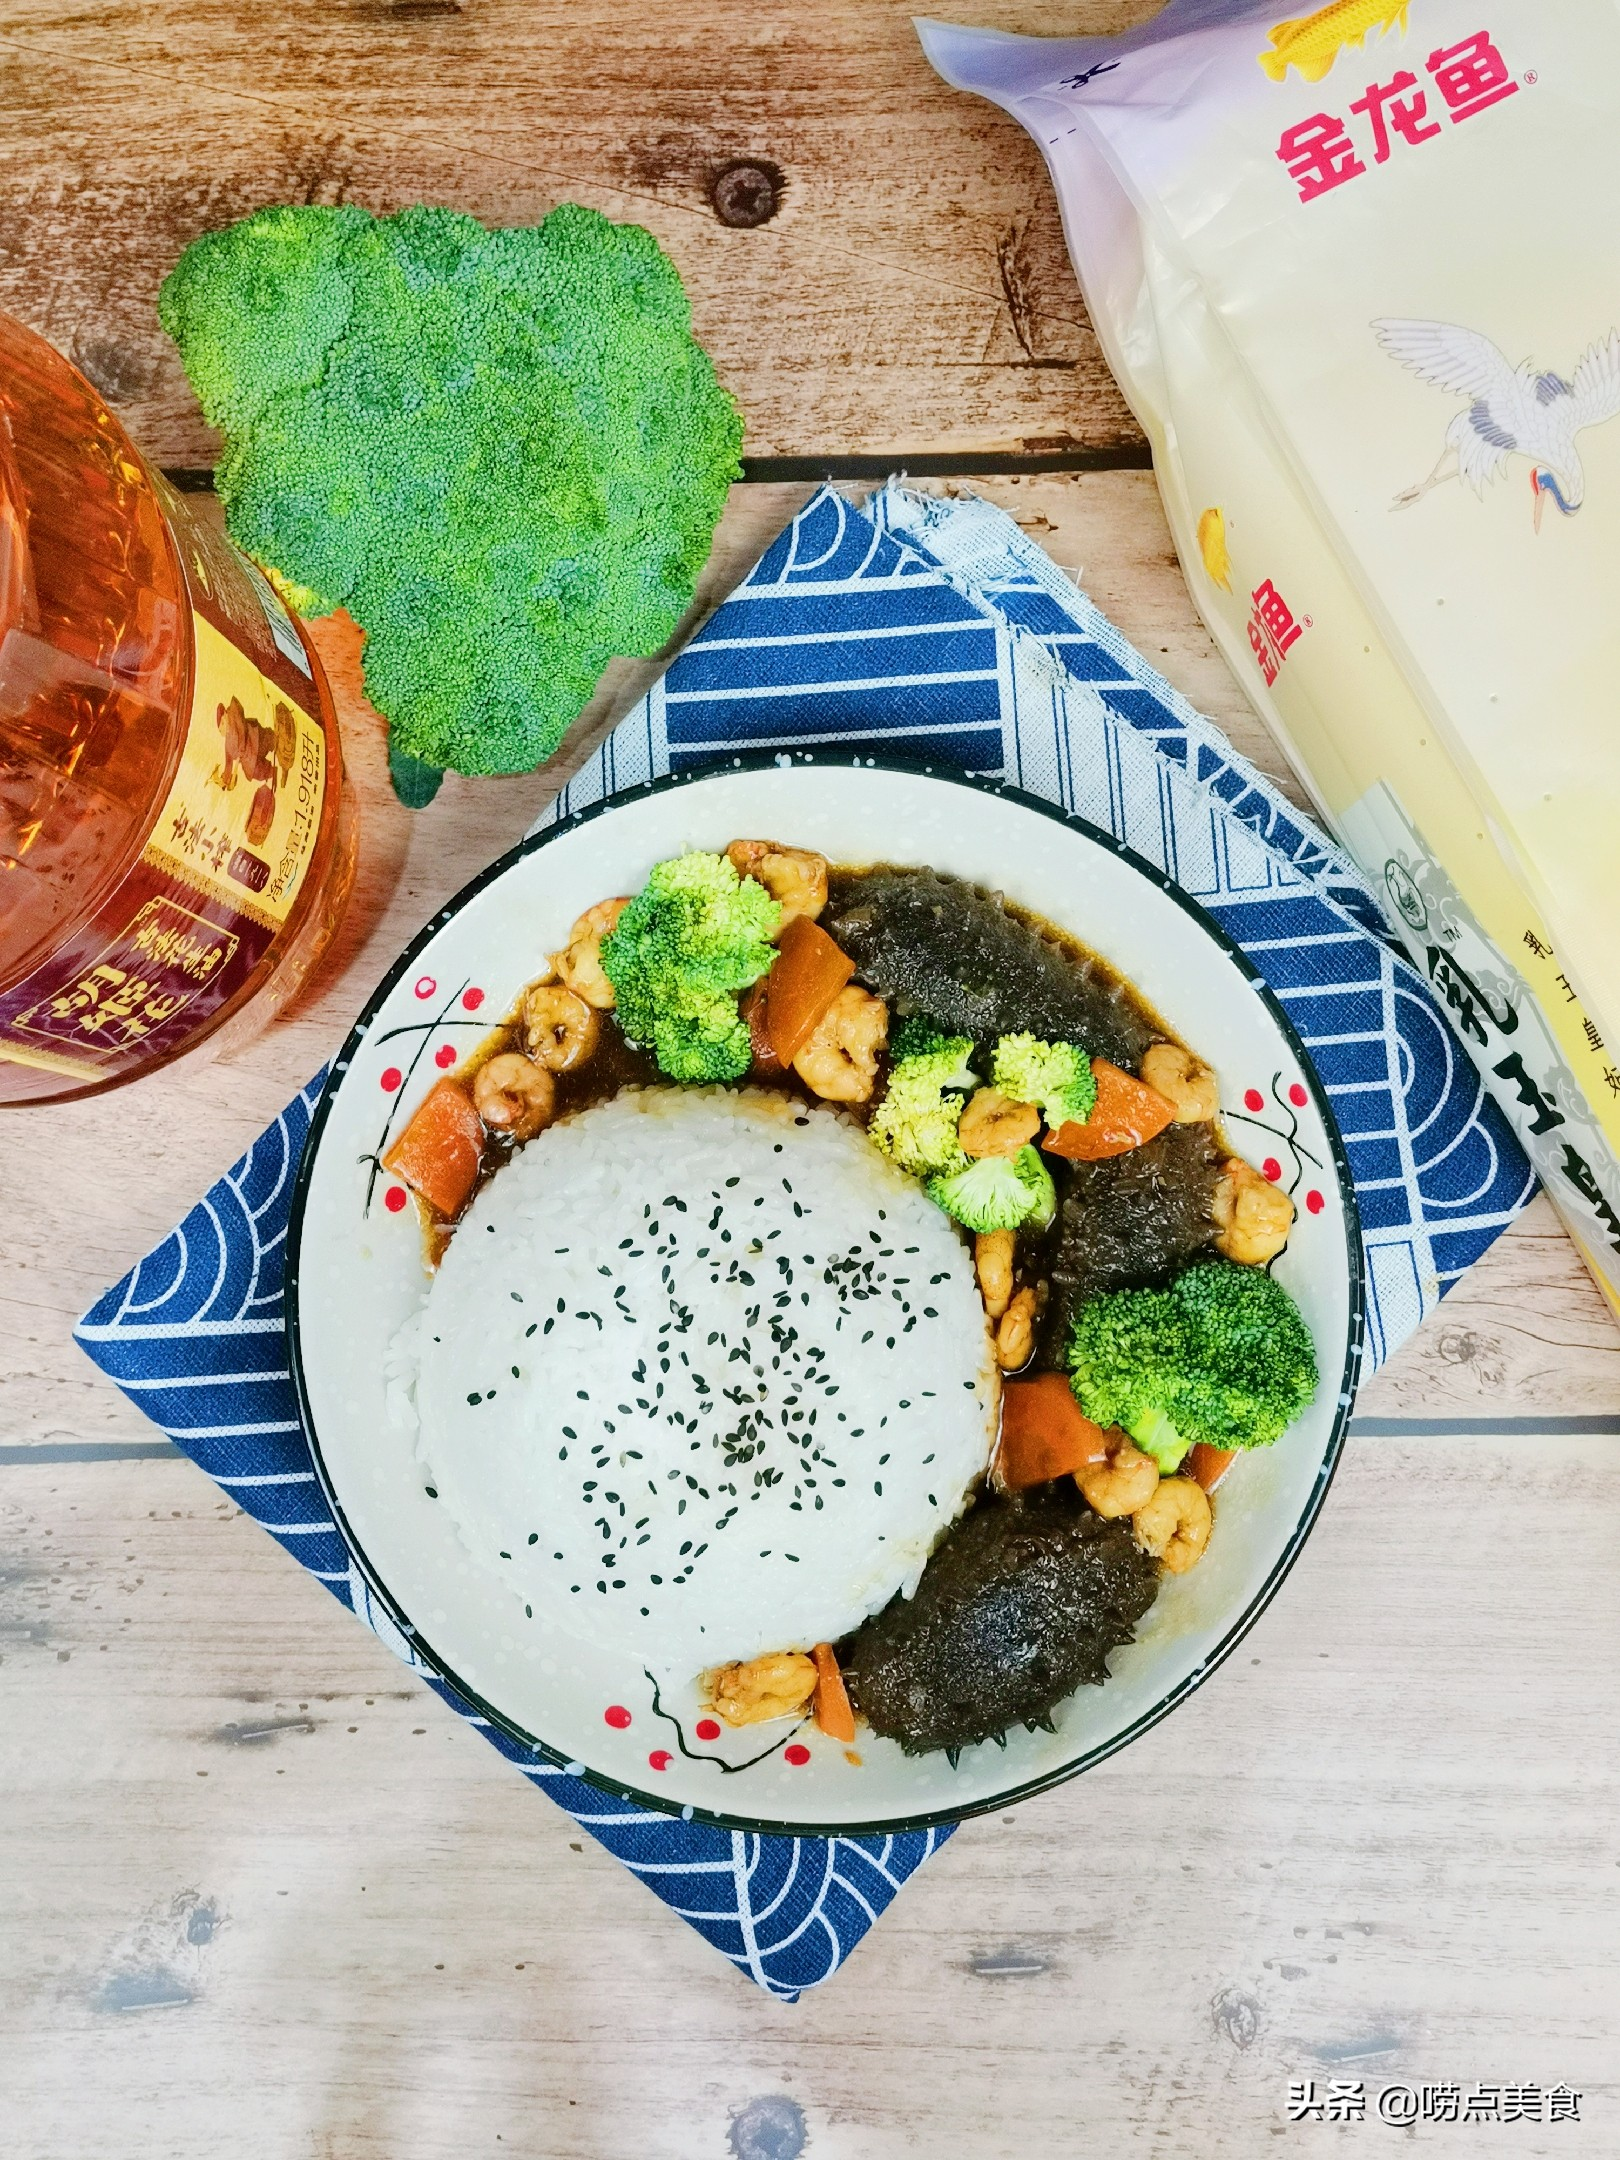 经典鲁菜海参捞饭怎么做才能香糯鲜美?山东人教你详细步骤,超赞 鲁菜 第1张